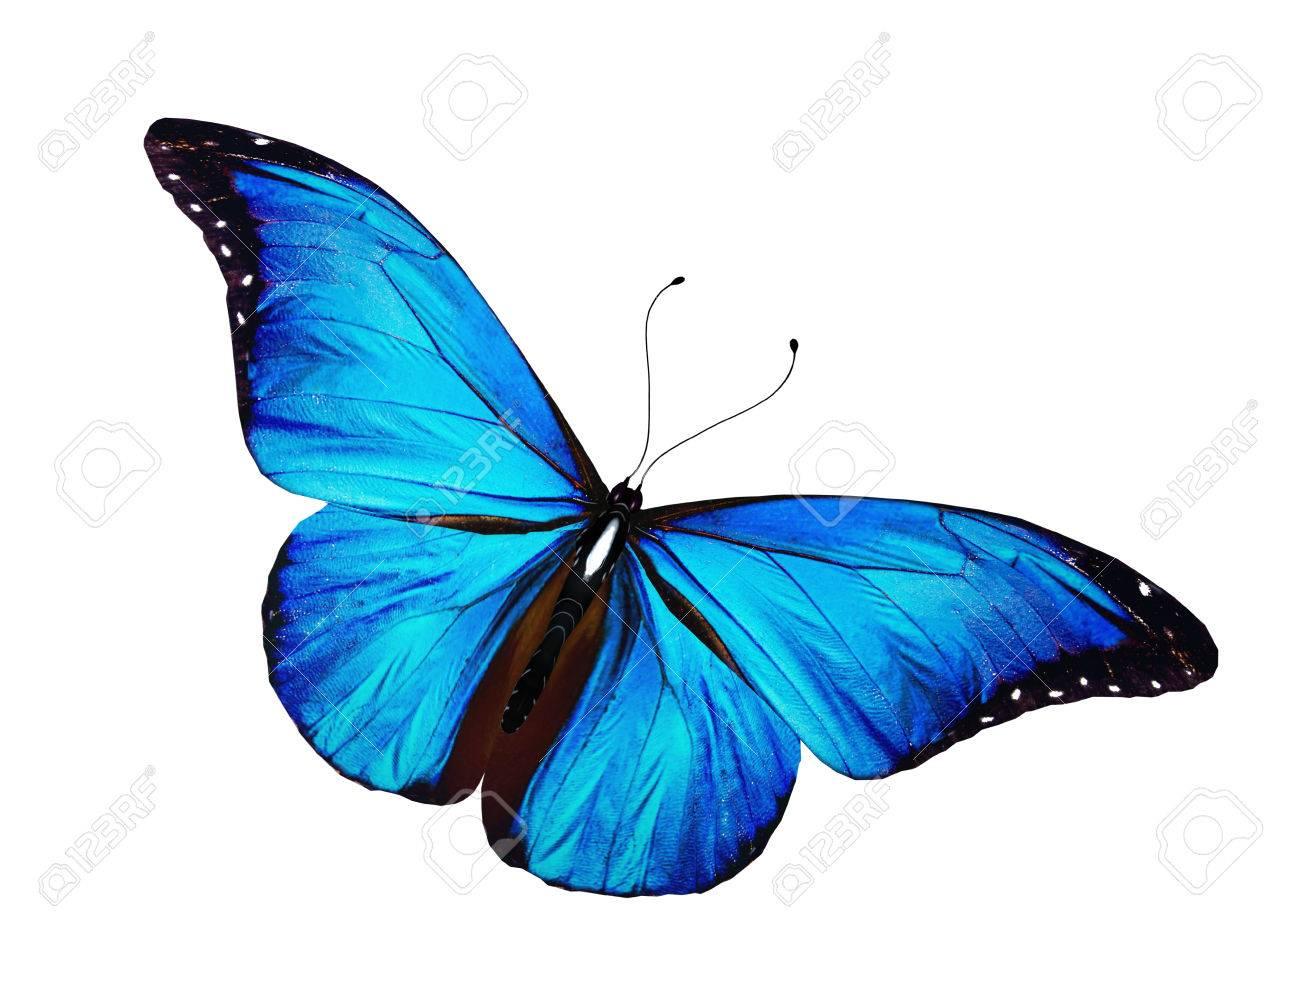 Immagini Stock Farfalla Blu Isolato Su Sfondo Bianco Image 25187690